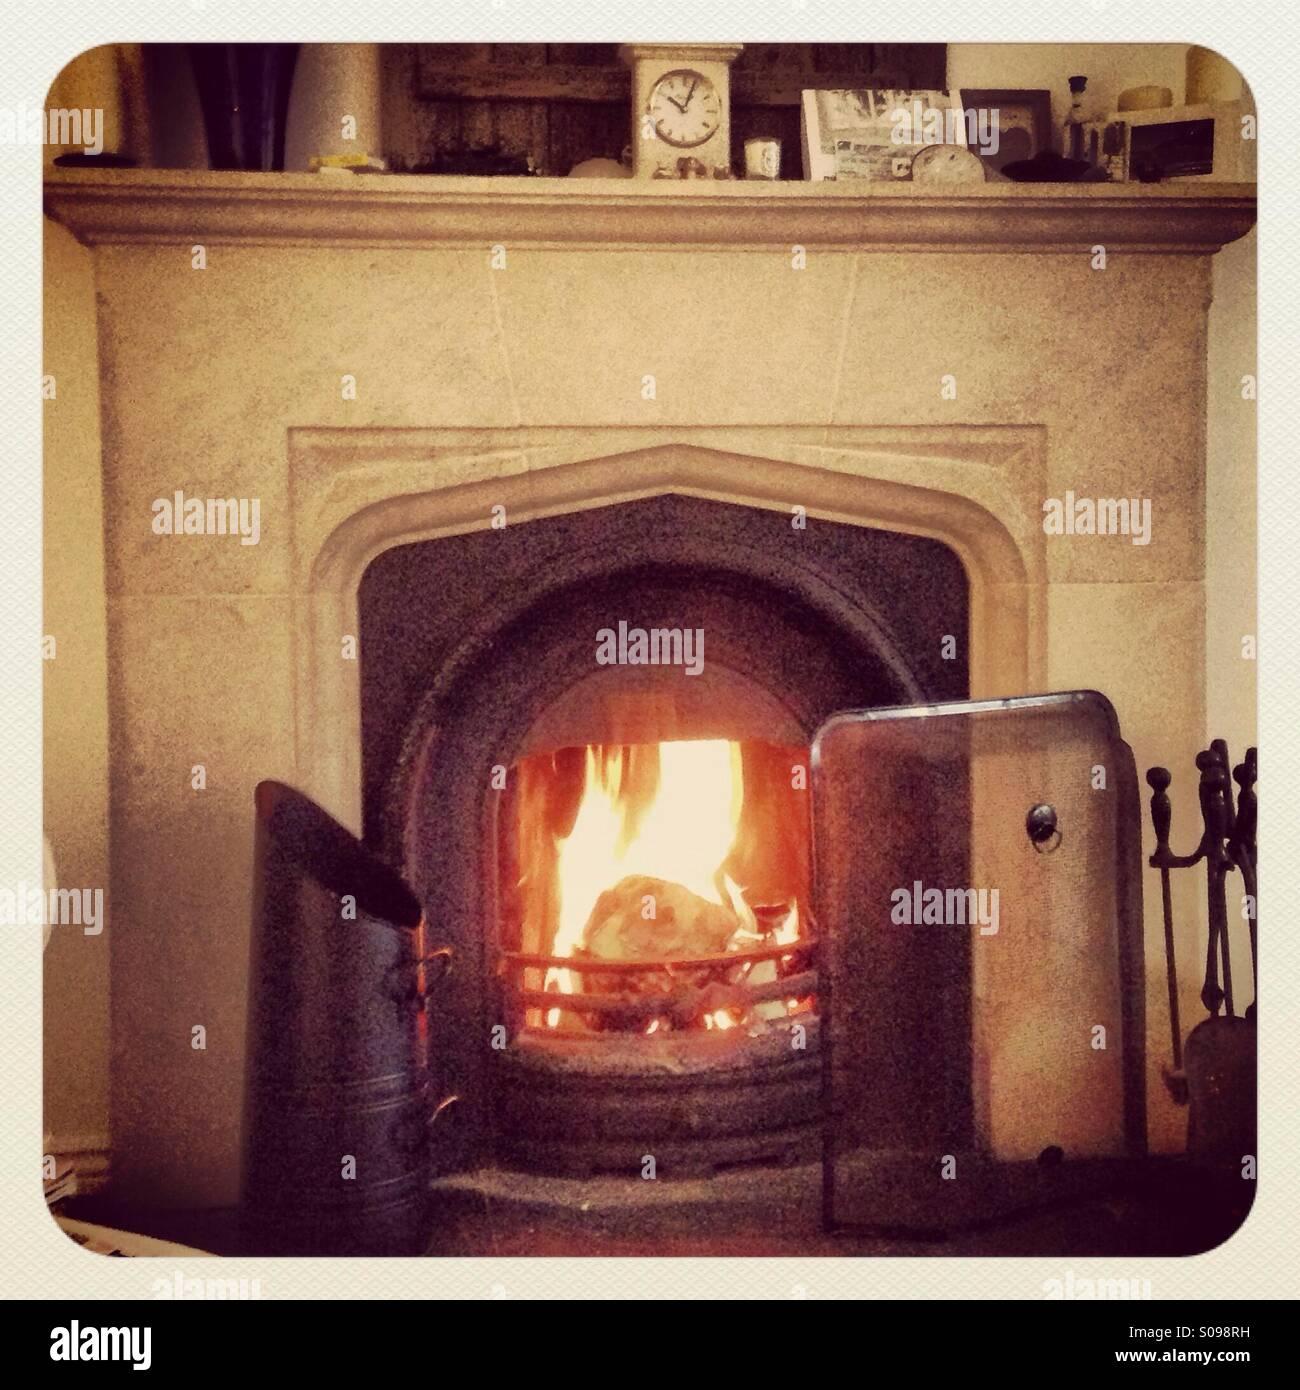 Un feu est allumé pour la vu les soirées d'hiver. Photo Stock